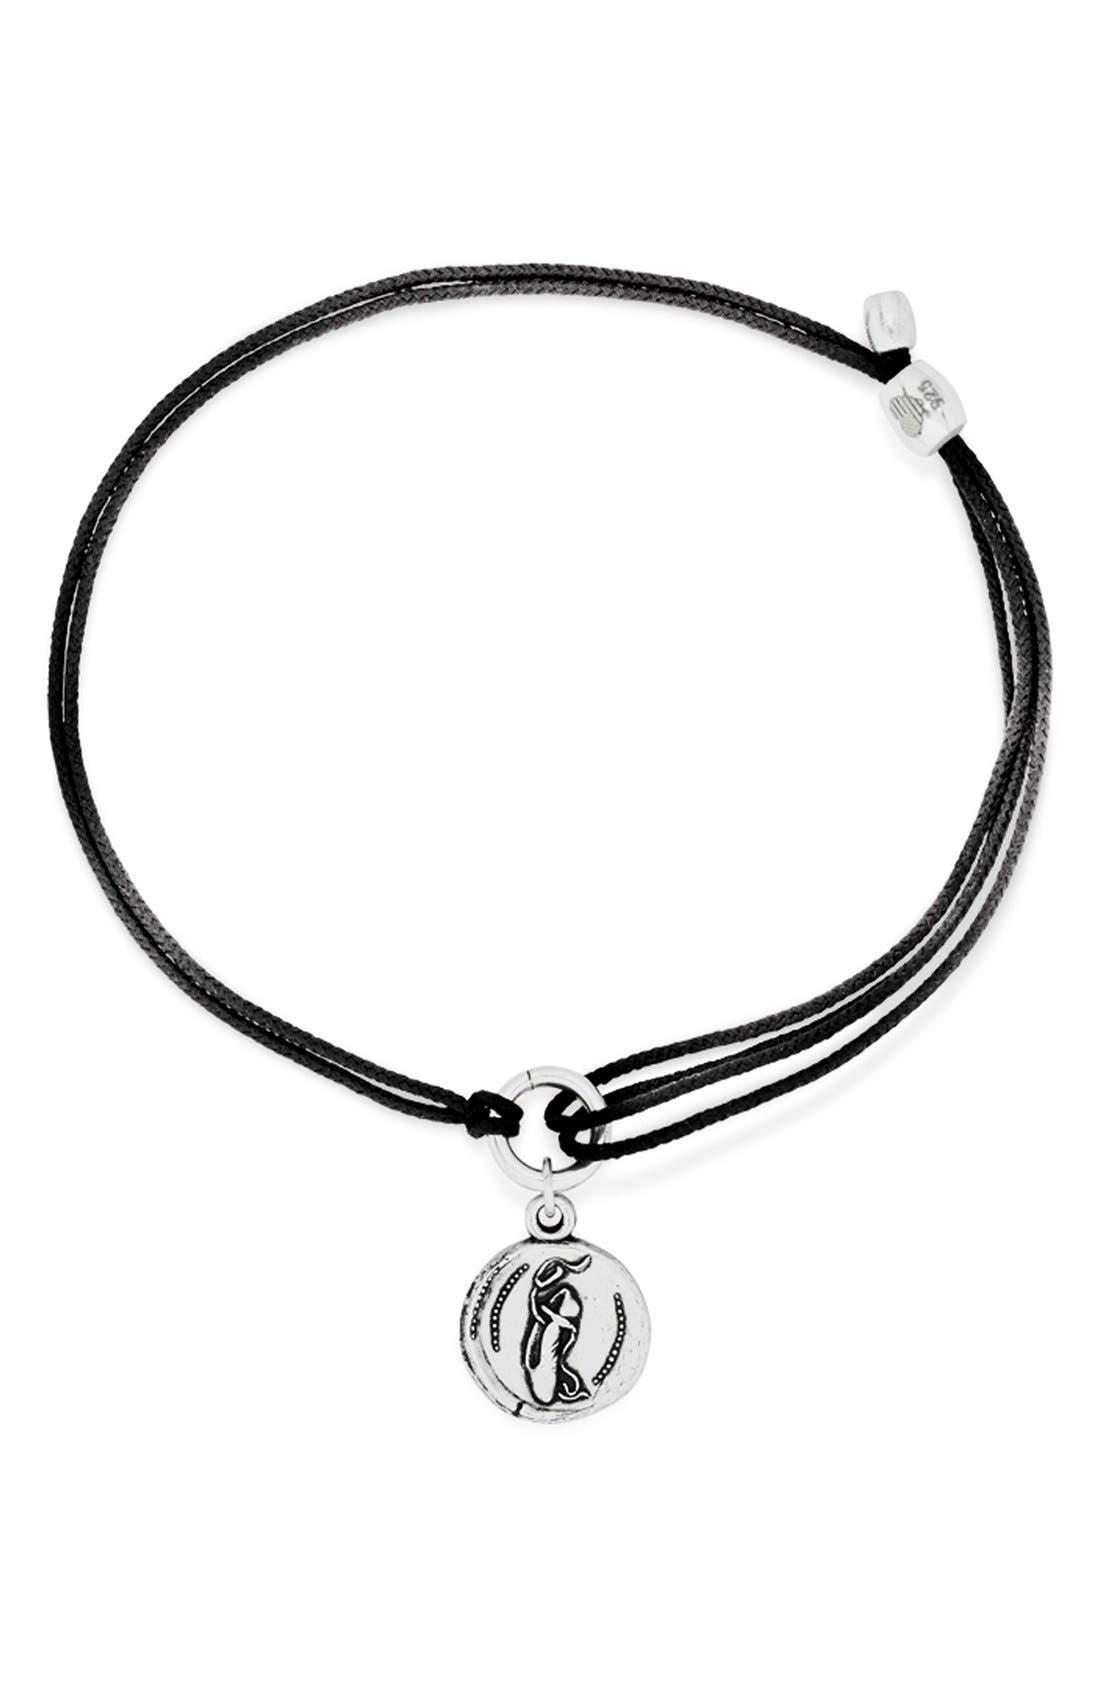 Ballet Slipper Cord Bracelet,                             Main thumbnail 1, color,                             040